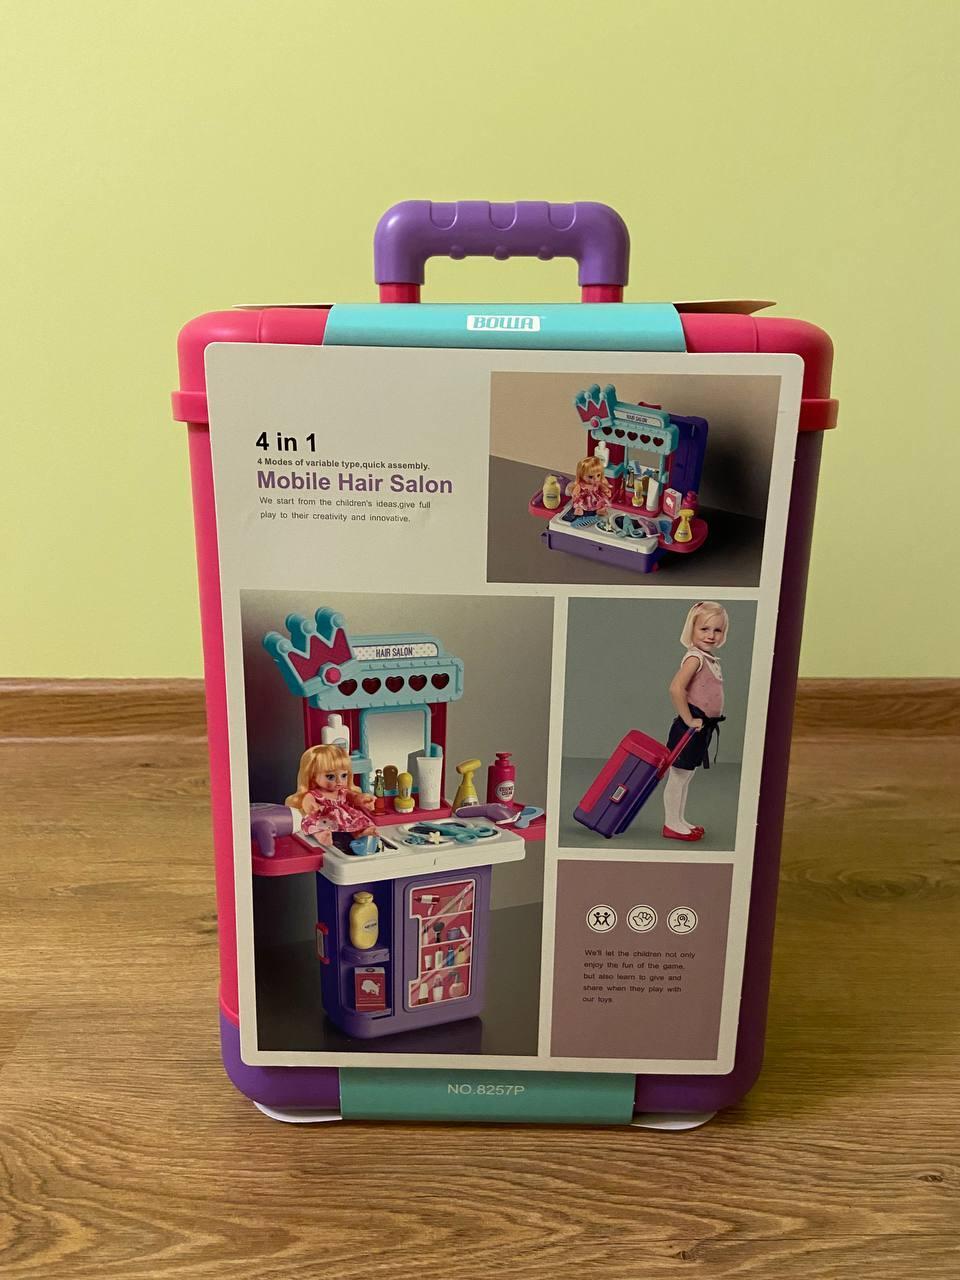 Детский игровой набор чемодан-трюмо 8254P туалетный столик для девочек + Подарок